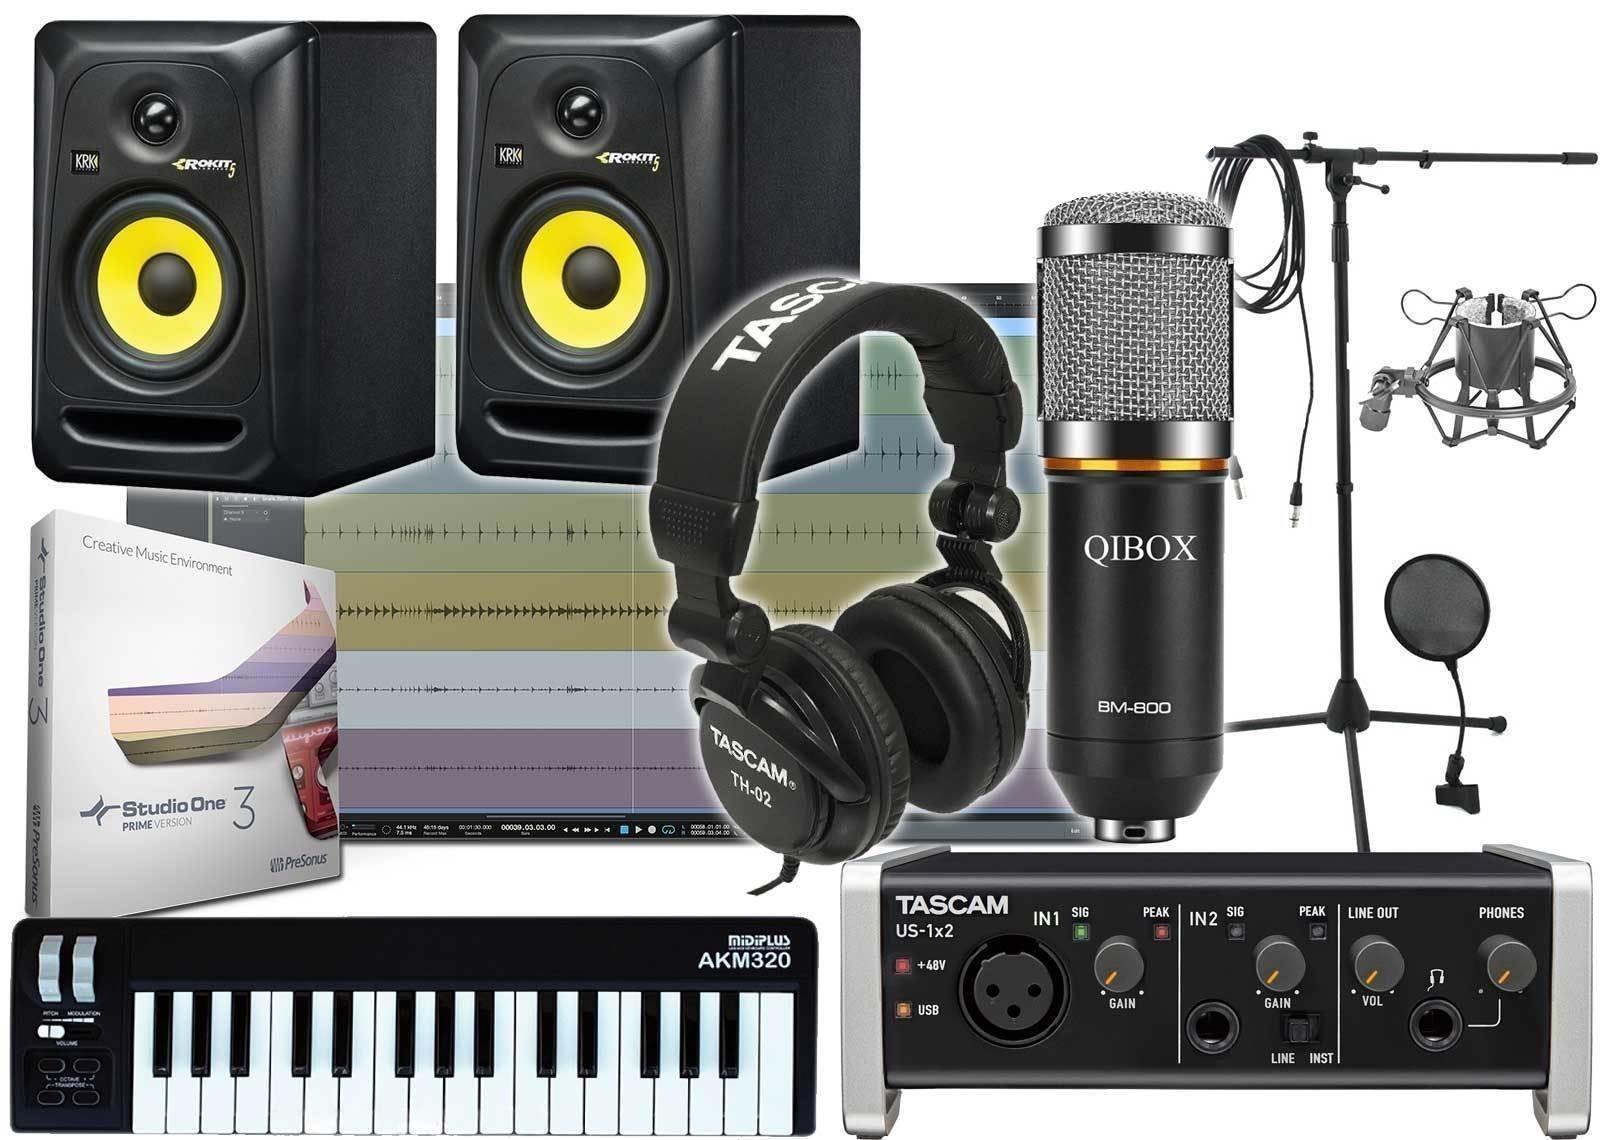 home recording studio one bundle studio package krk rp5 g3 tascam software studio live. Black Bedroom Furniture Sets. Home Design Ideas